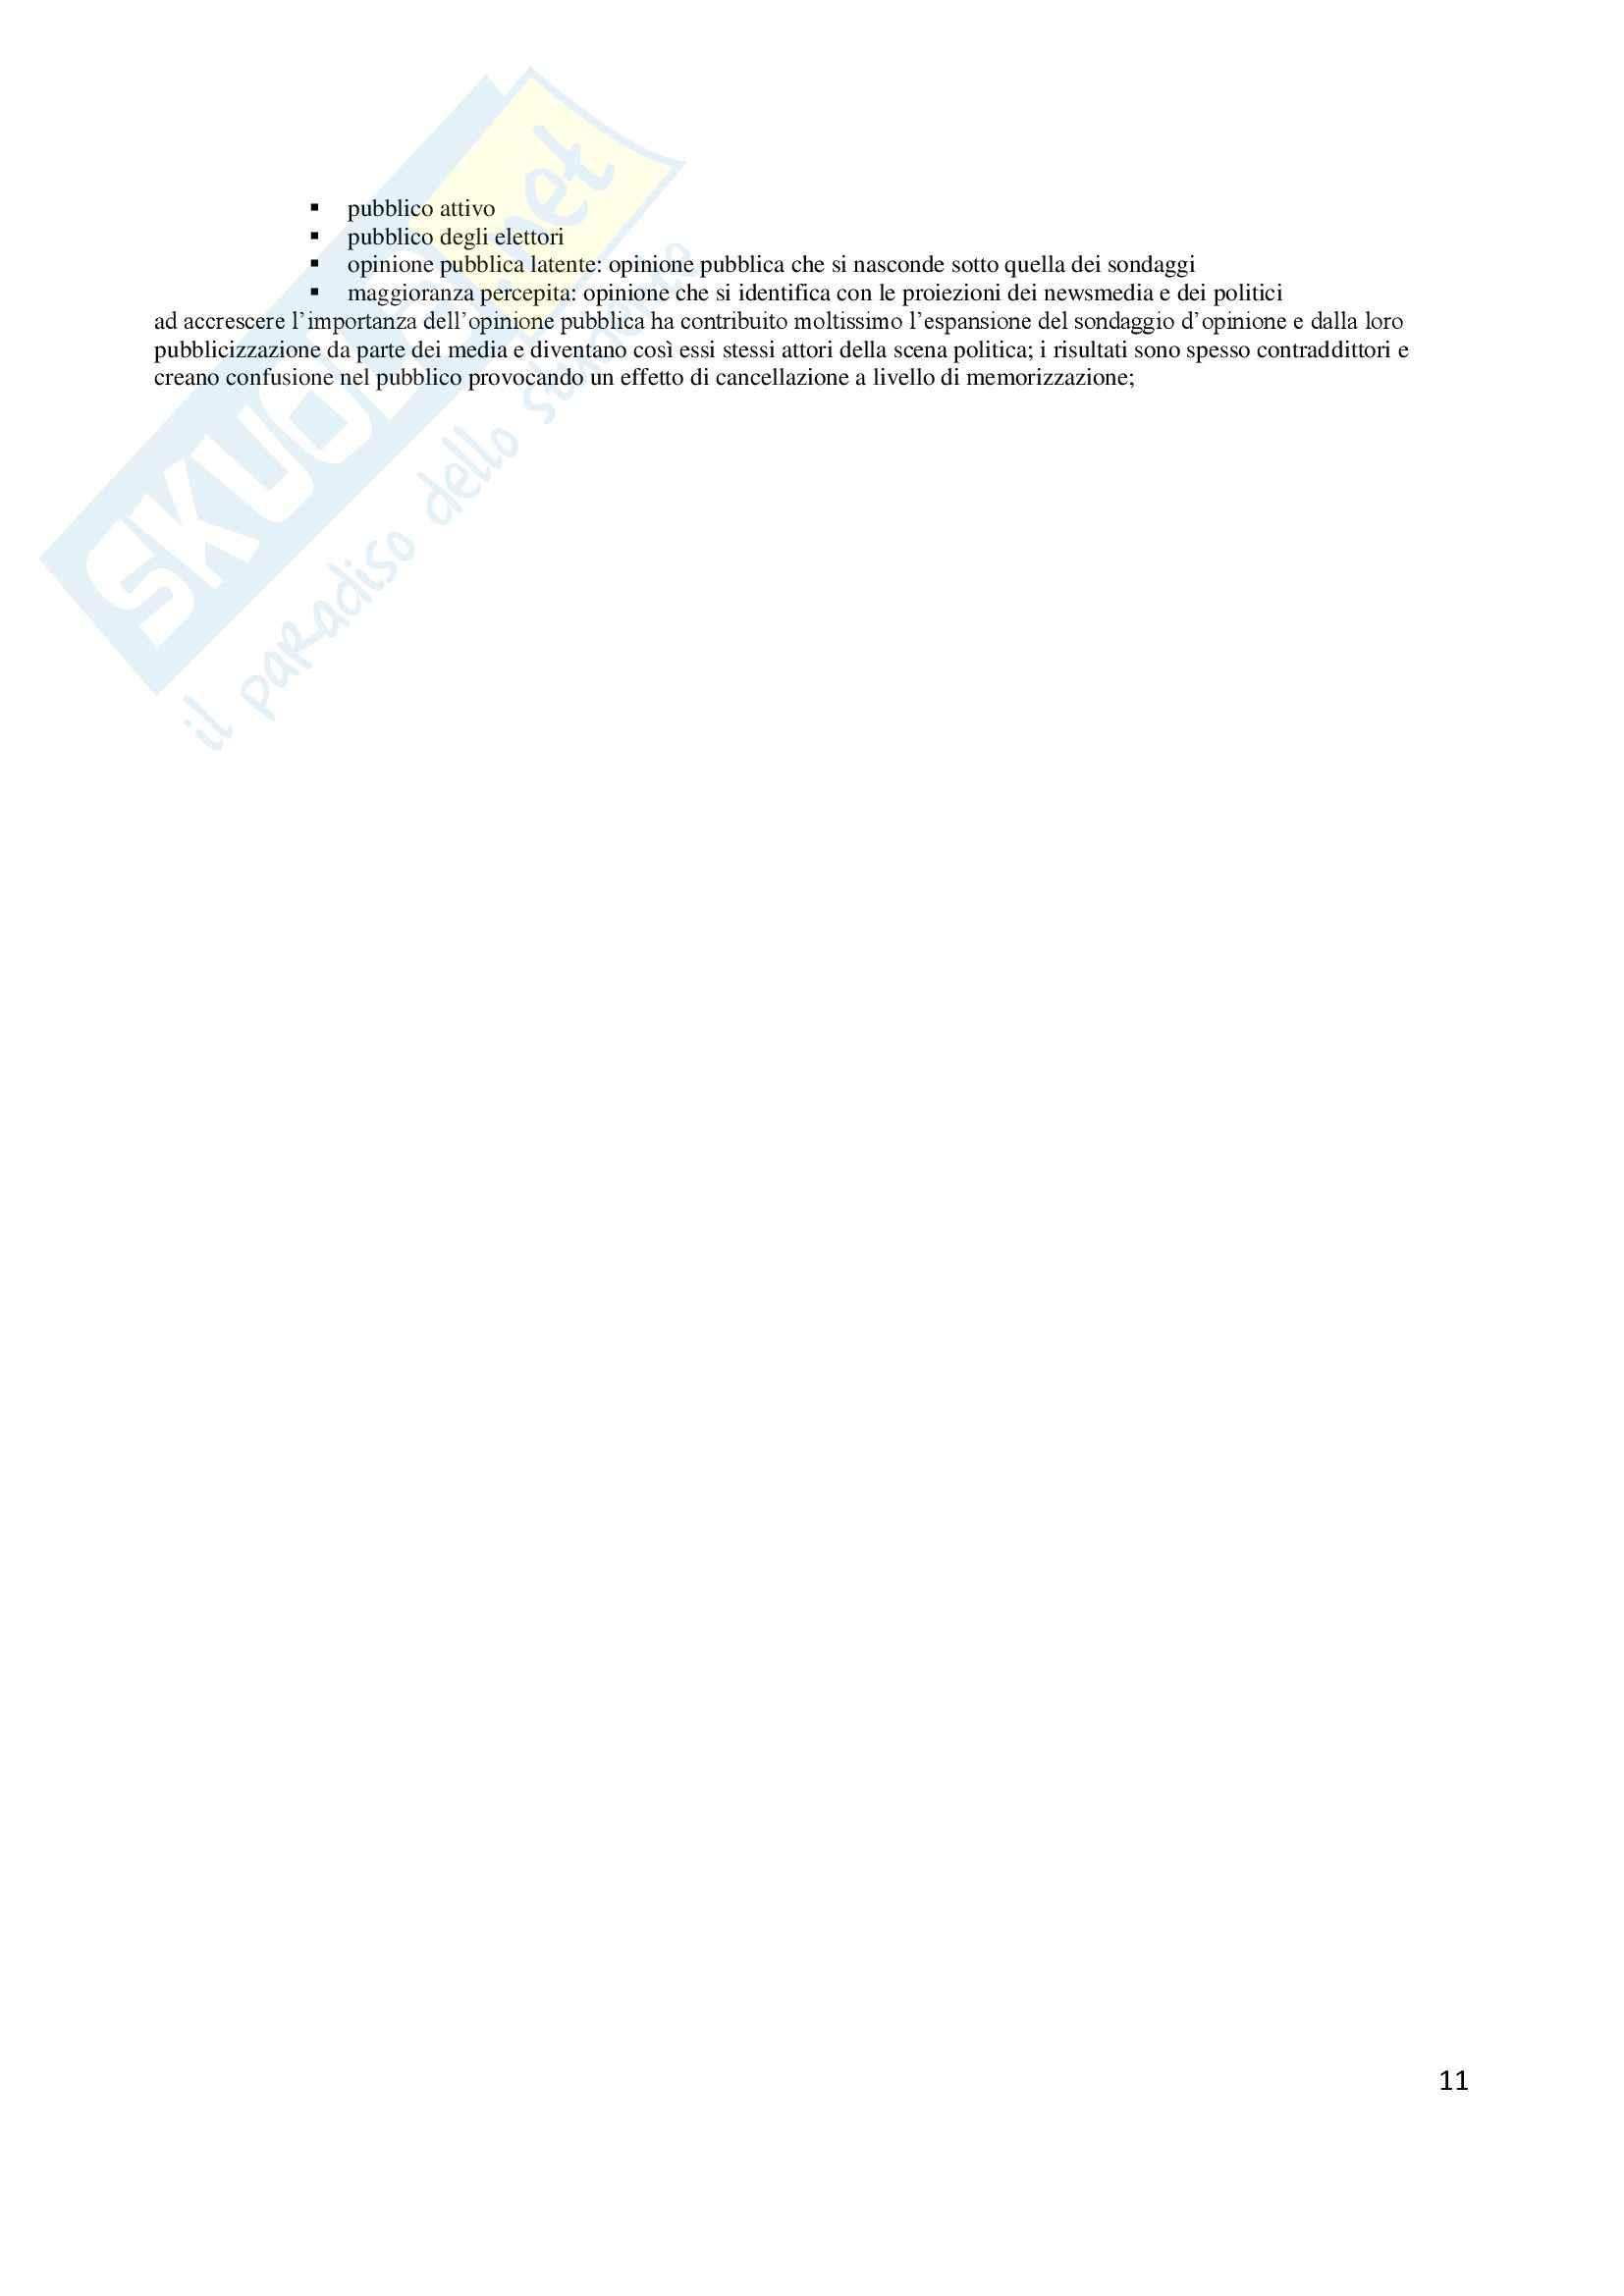 Riassunto esame Comunicazione politica, prof. Pinnarò, libro consigliato La comunicazione politica, Mazzoleni Pag. 11